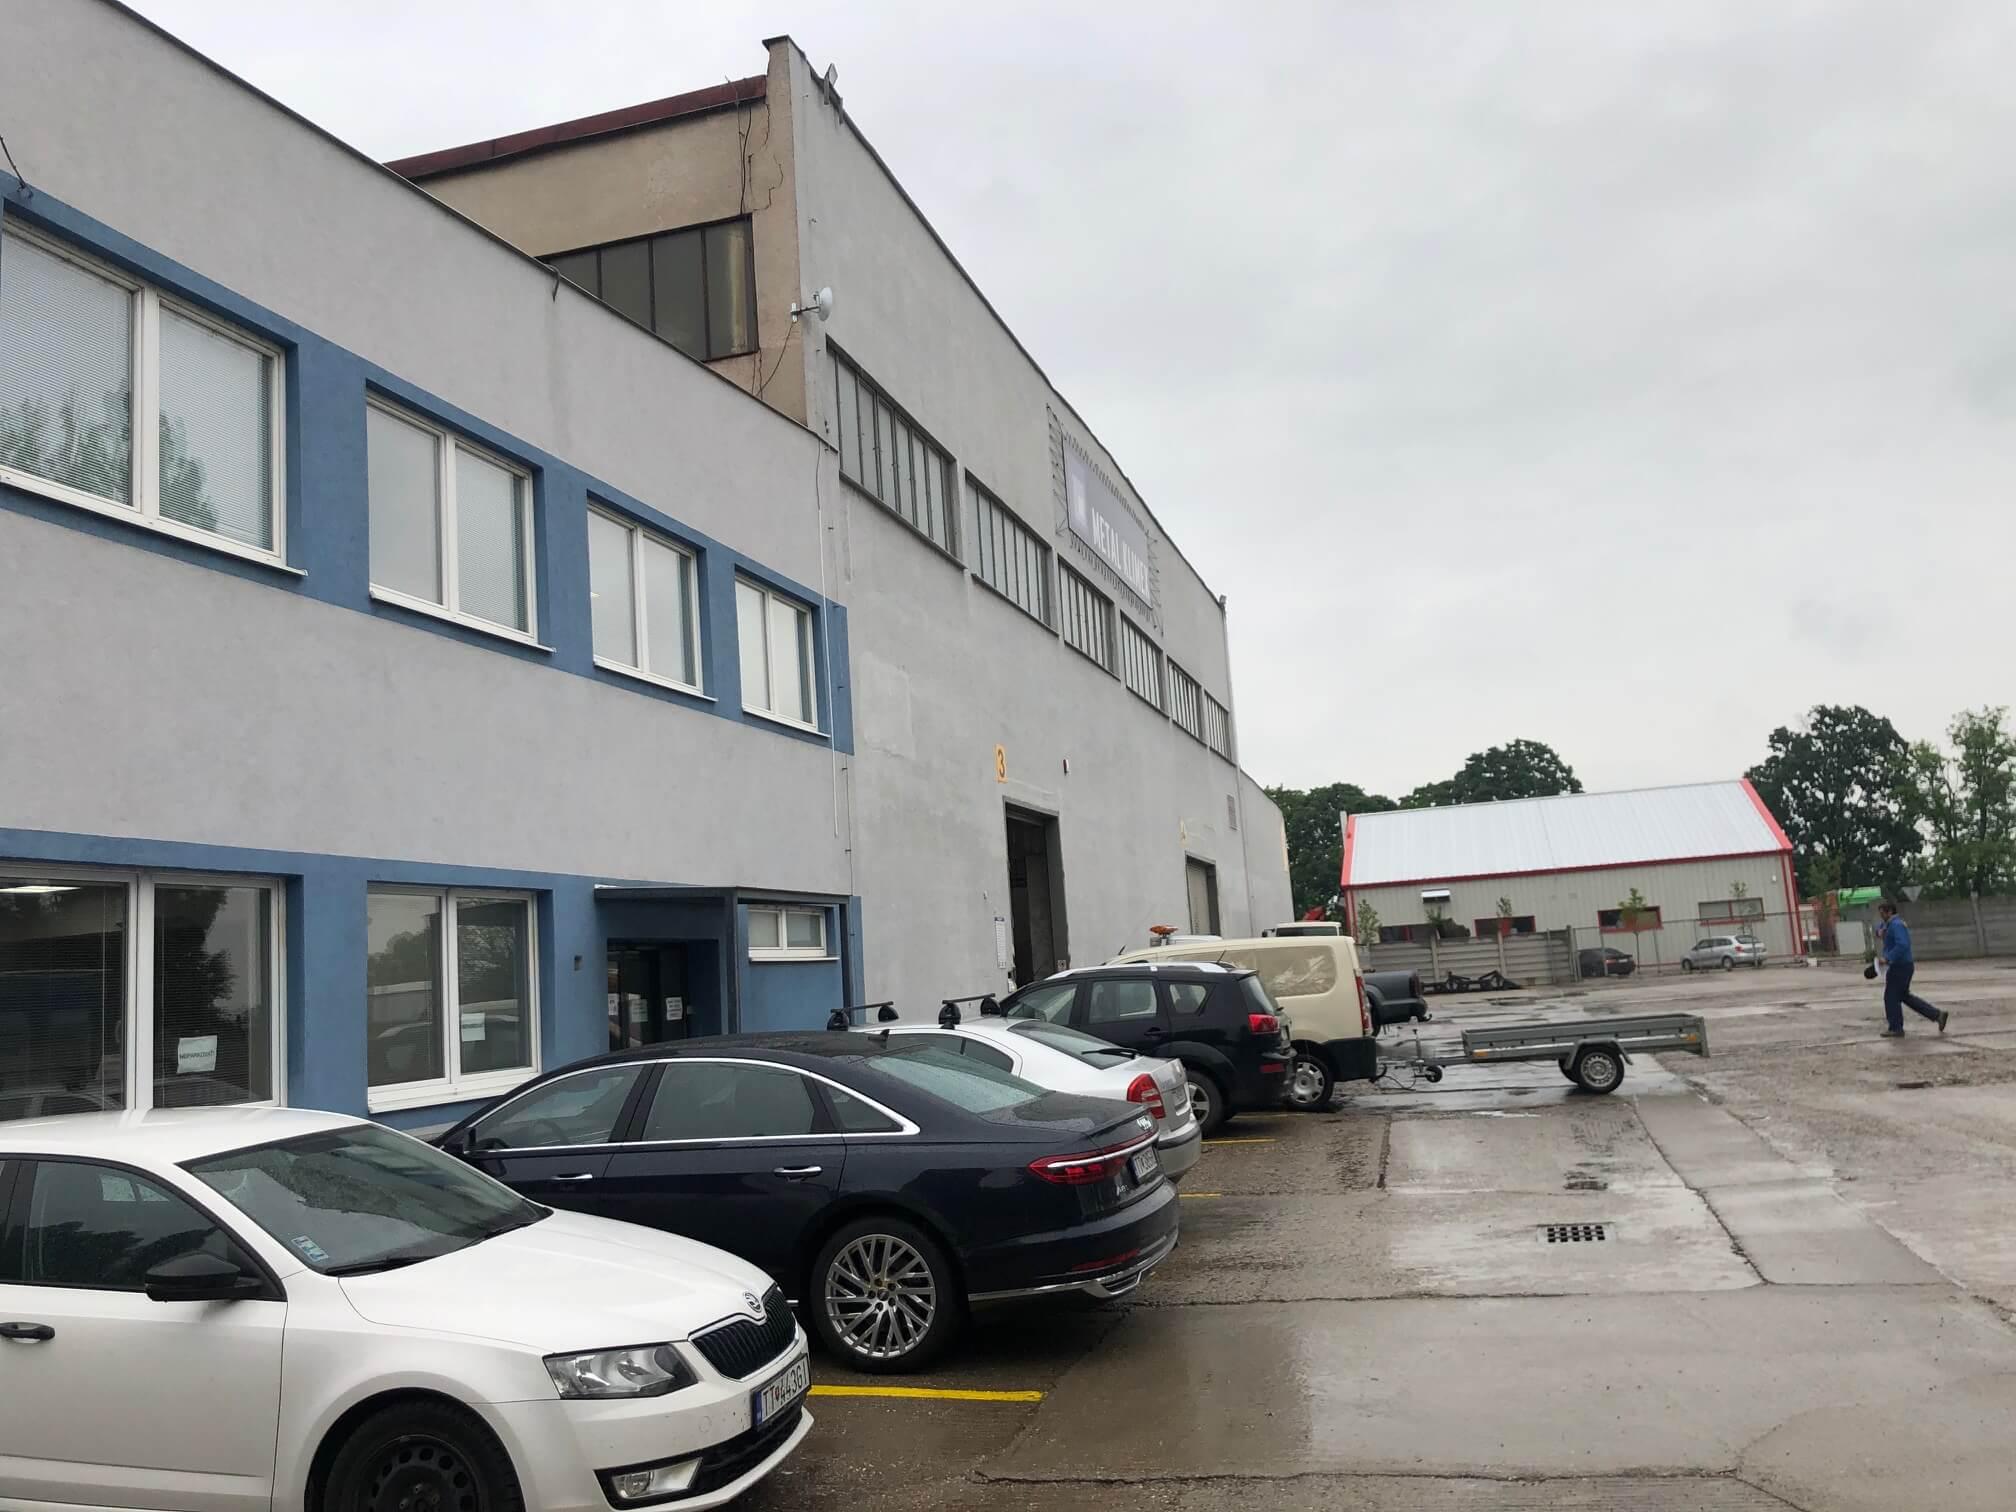 Prenajaté: Skladová, výrobná plocha v hlavnom sklade, 2000m2, ulica Skladová, Trnava-5